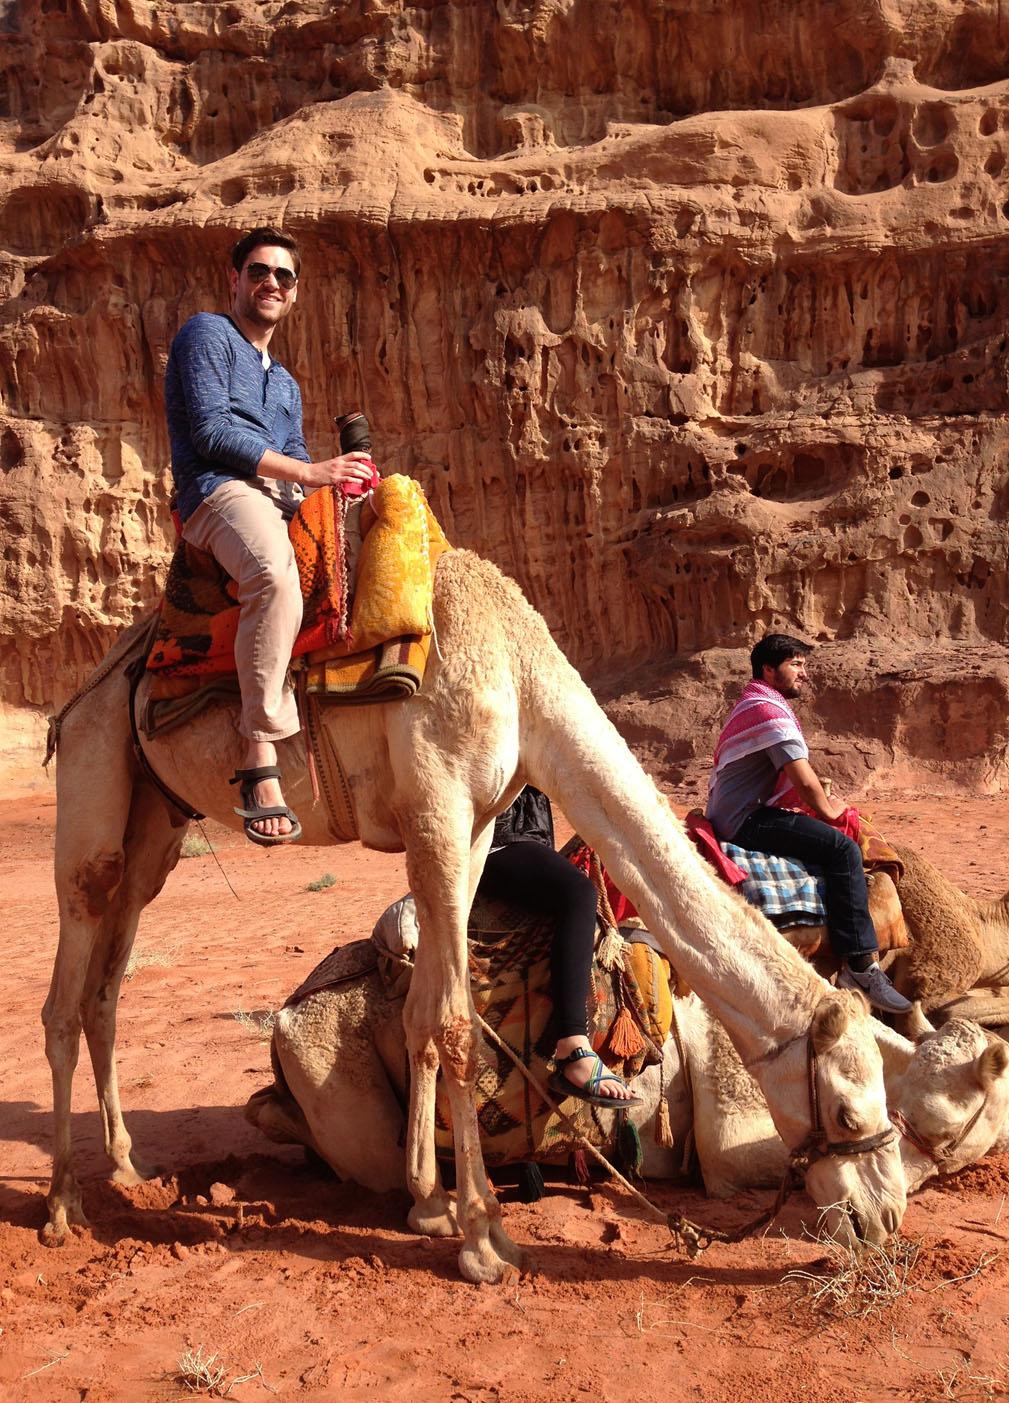 Tim Plummer riding on a camel